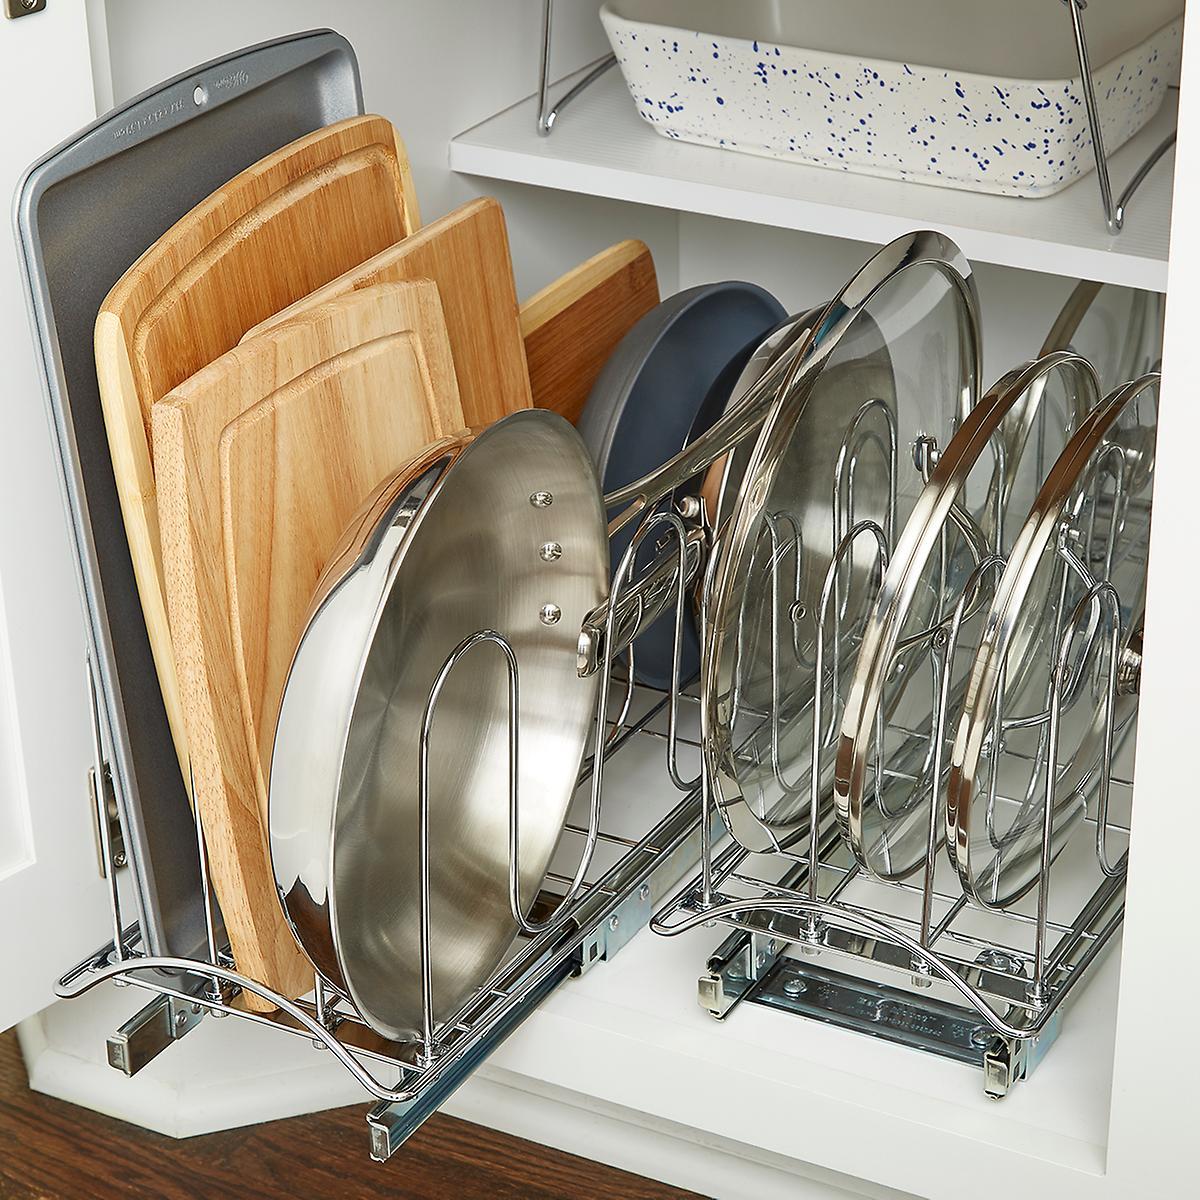 Pantry Shelves Starter Kit: Lower Cabinet Organization Starter Kit